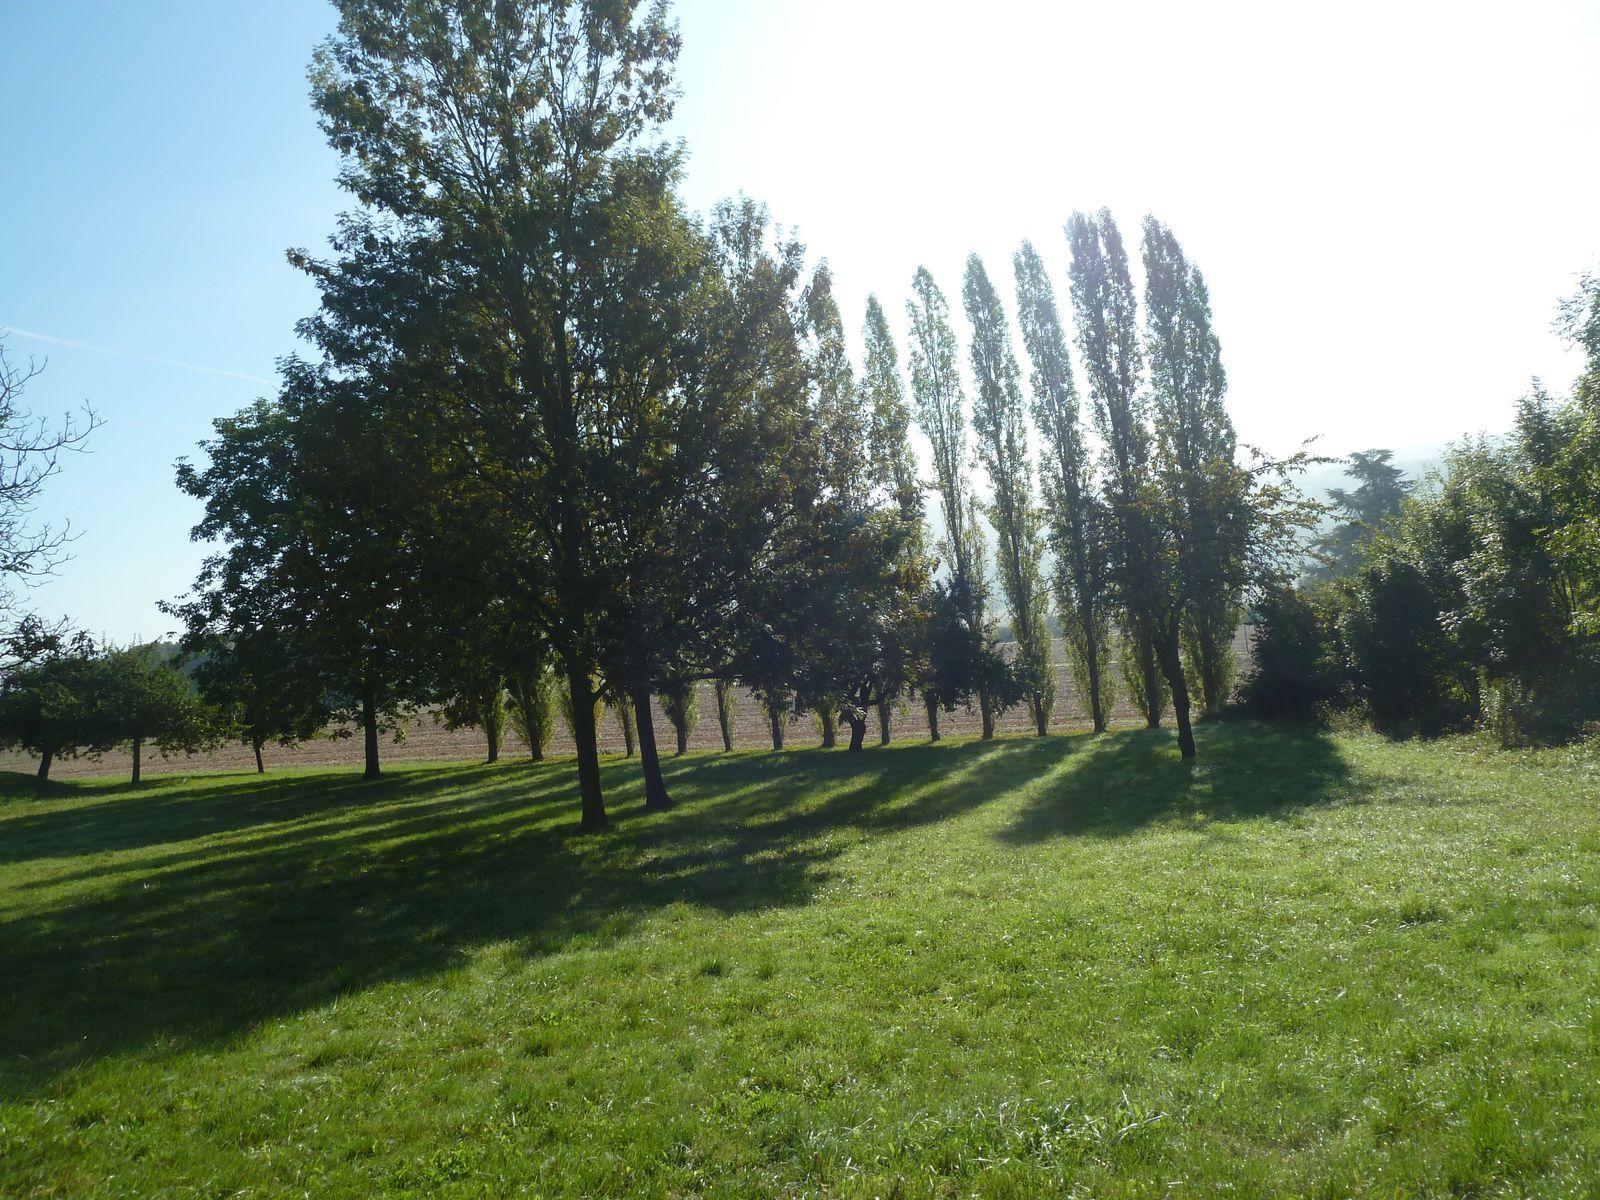 Jolis peupliers alignés au lieu dit Les Champreux tout près de Chamigny.